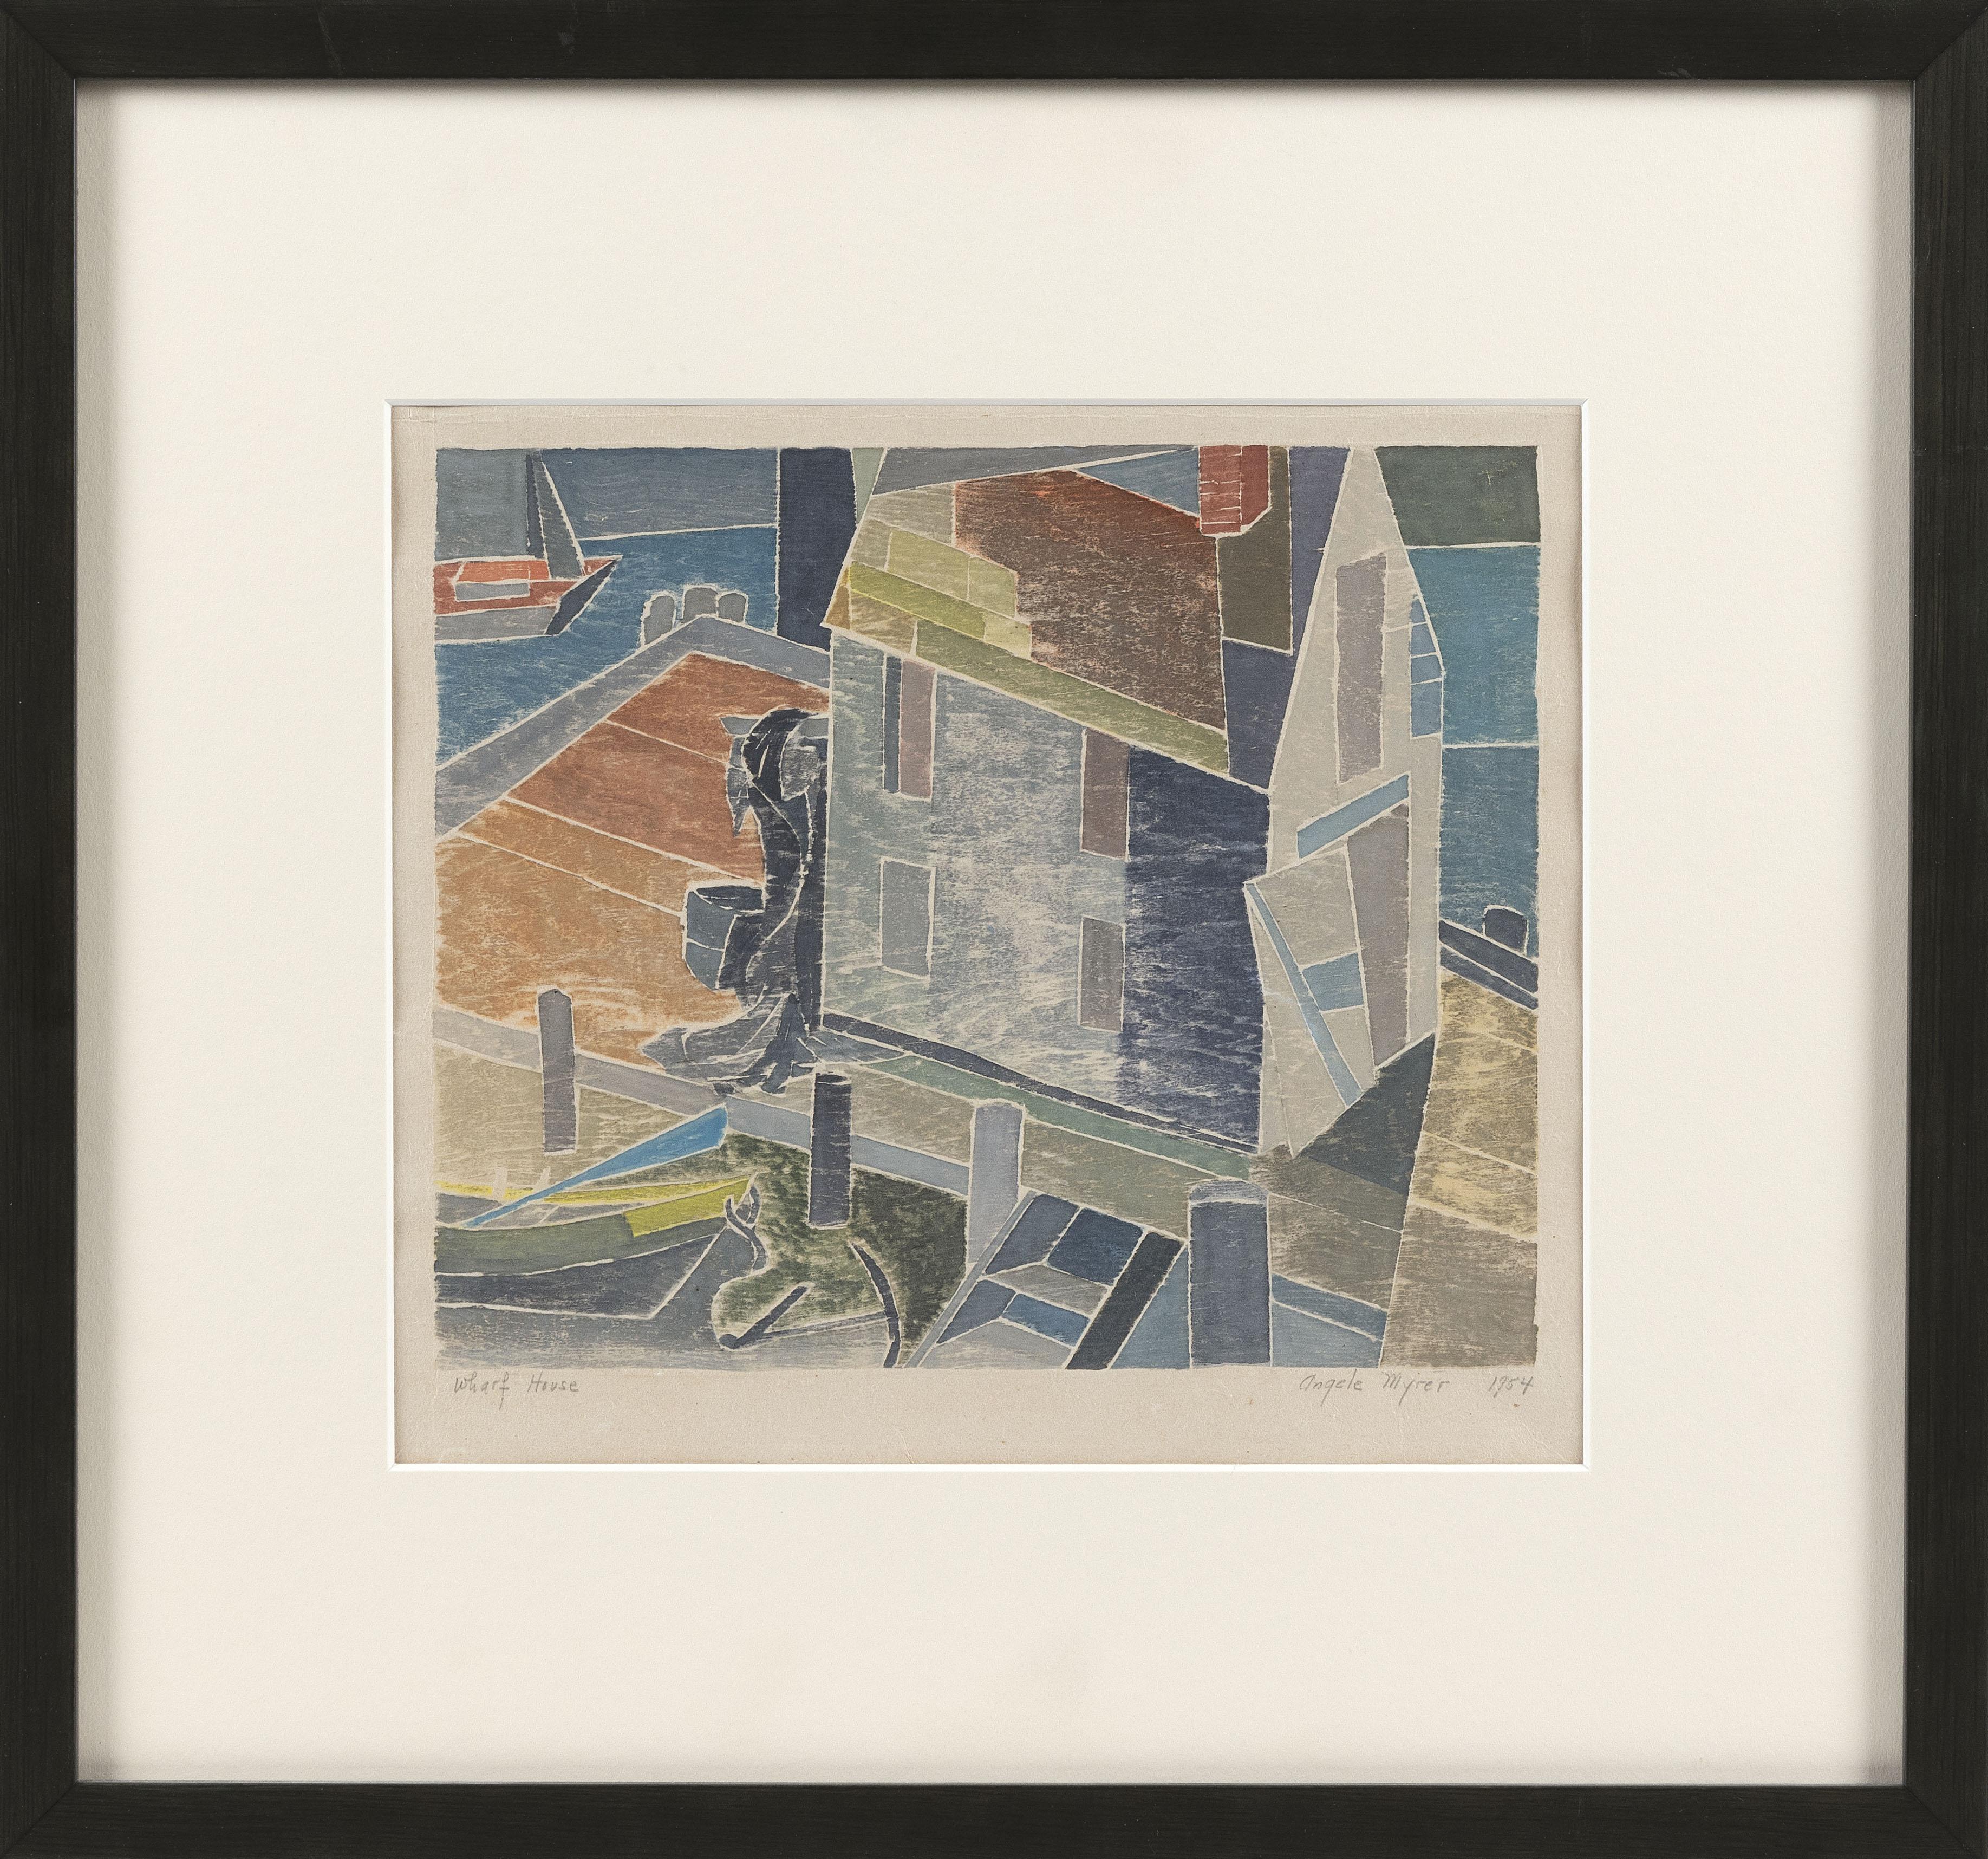 ANGELE E. MYRER (Massachusetts, 1896-1970),